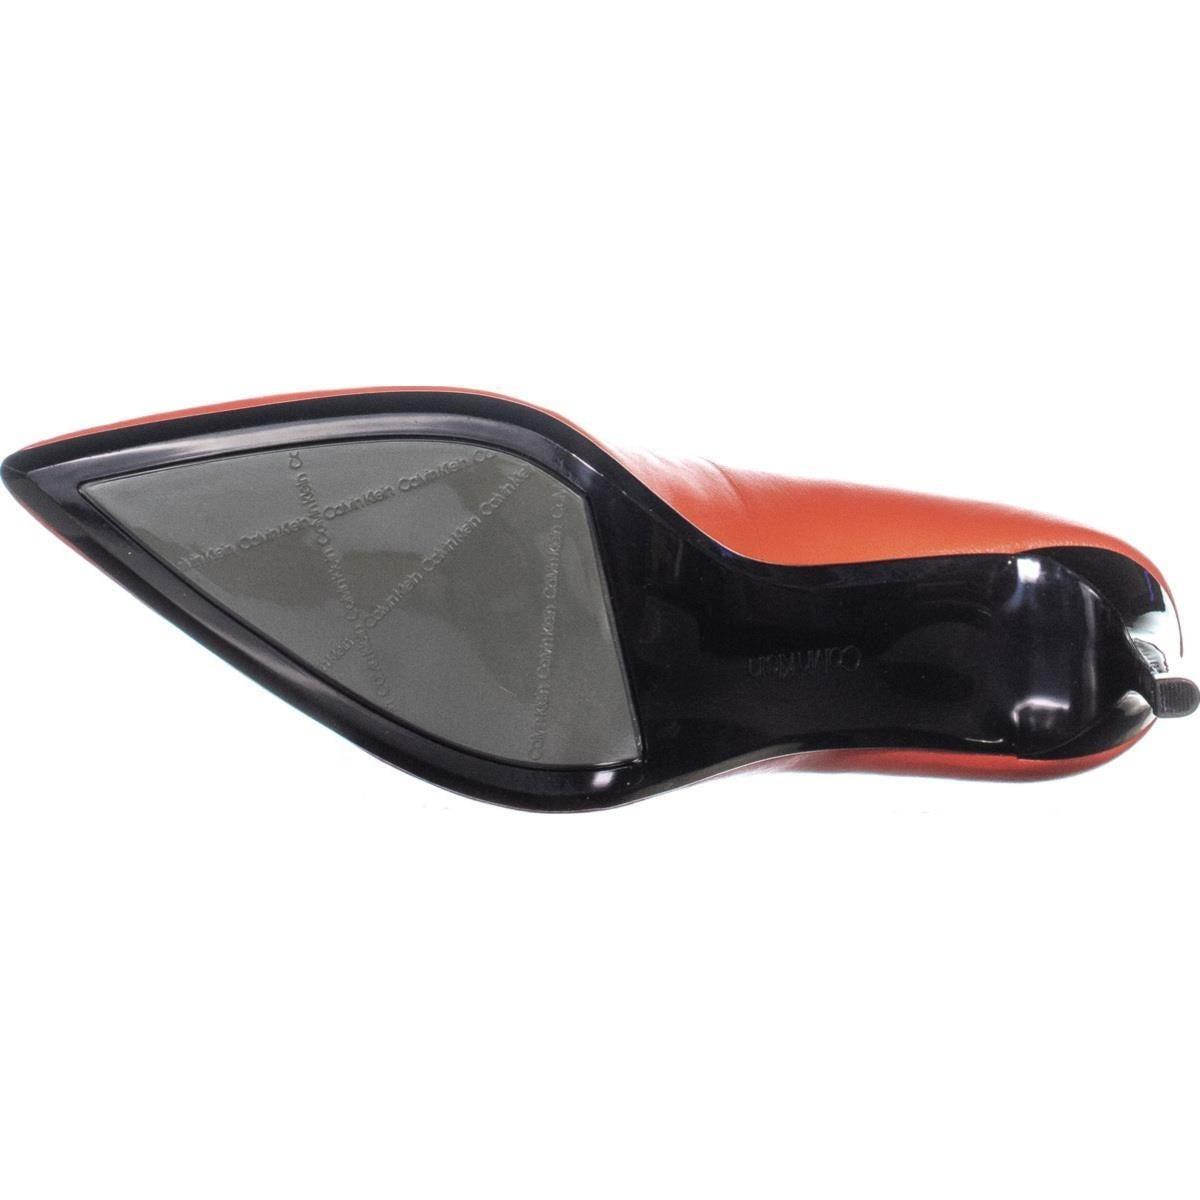 deca23bfa1dd Shop Calvin Klein Rizzo Nappa Classic Pumps